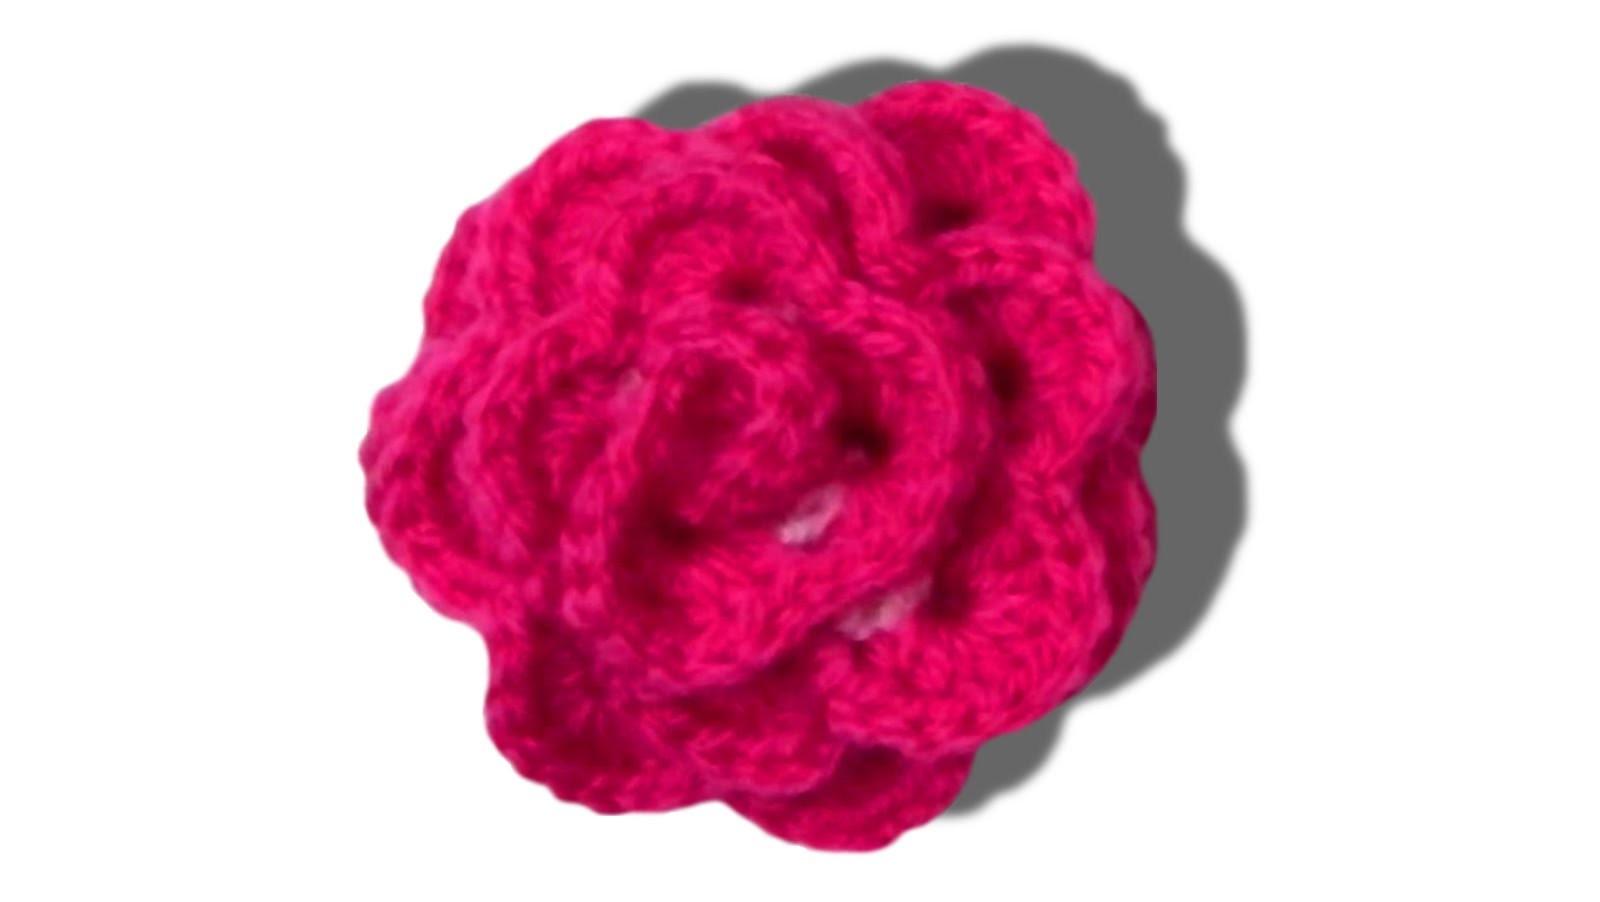 Rose flower crochet tutorial - © Woolpedia